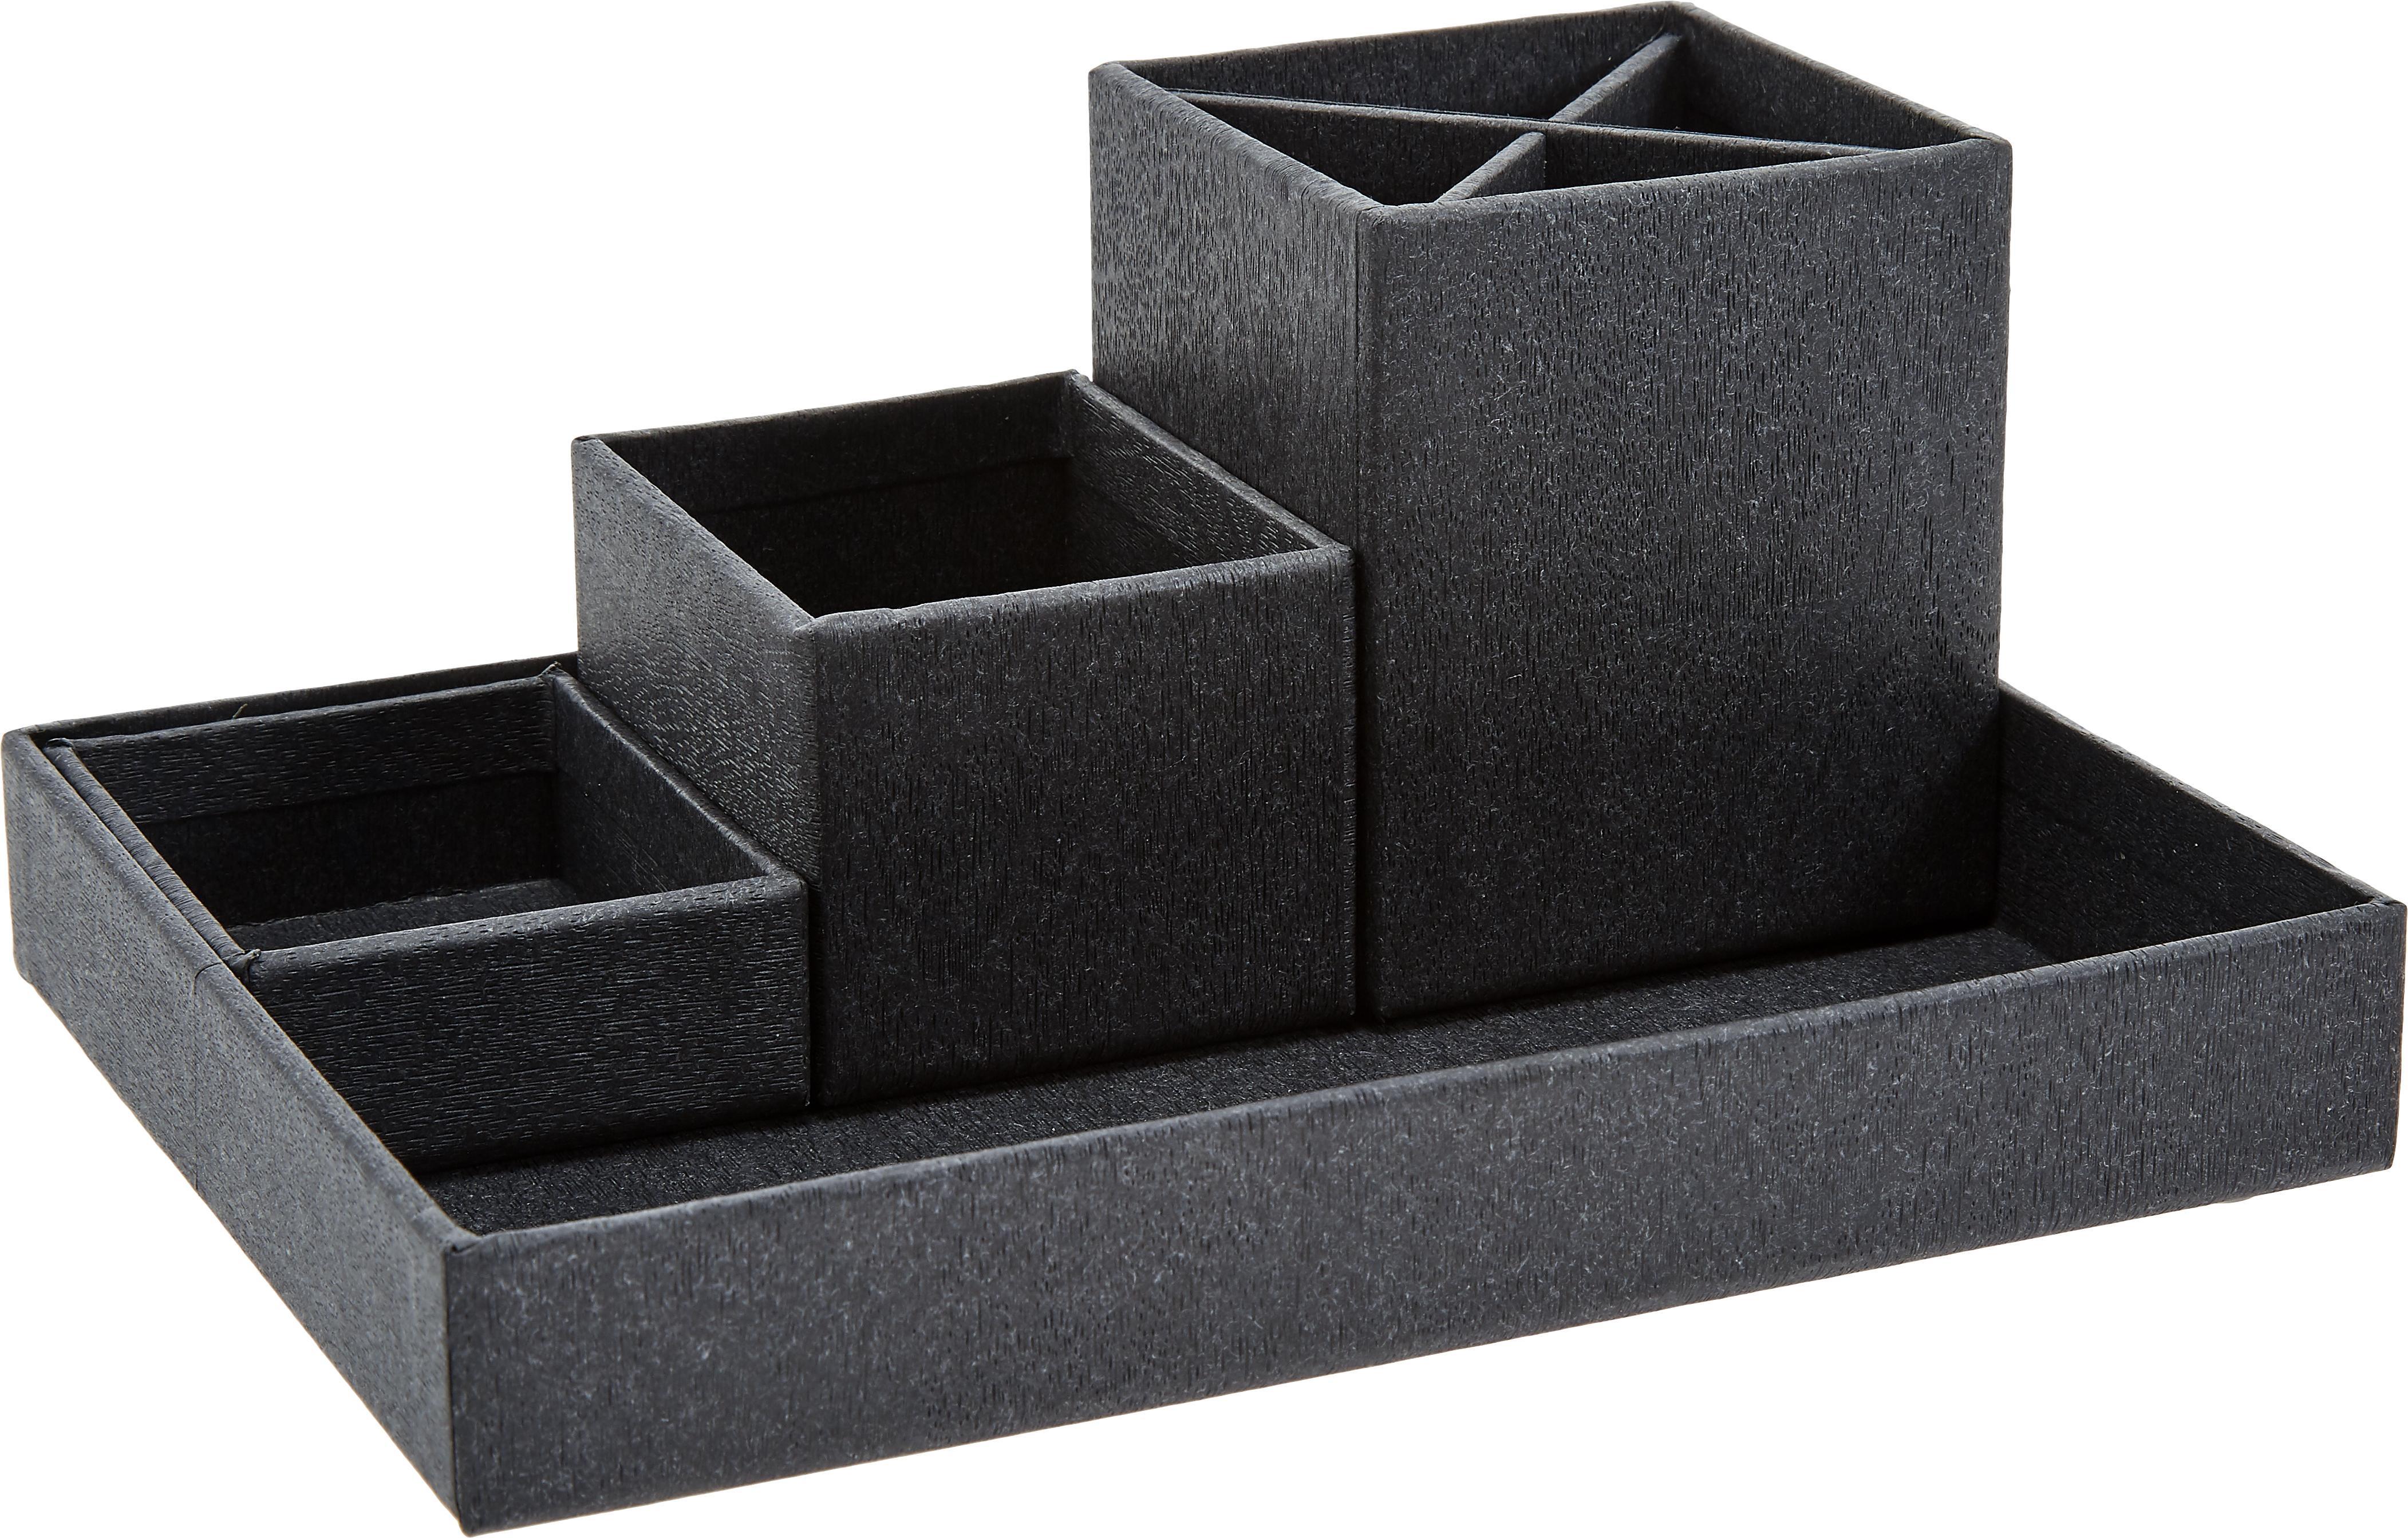 Büro-Organizer-Set Lena, 4-tlg., Fester Karton, mit Holzdekor bedruckt, Schwarz, Set mit verschiedenen Grössen